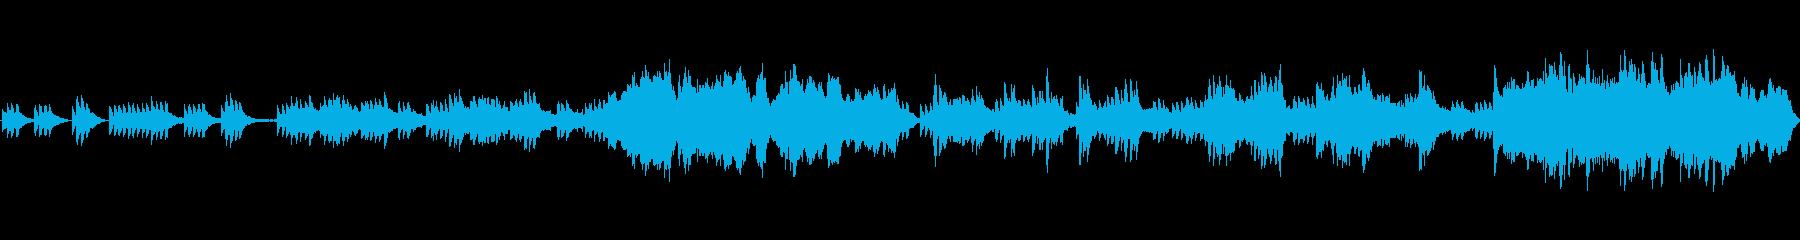 水の中をイメージした静かな音楽の再生済みの波形